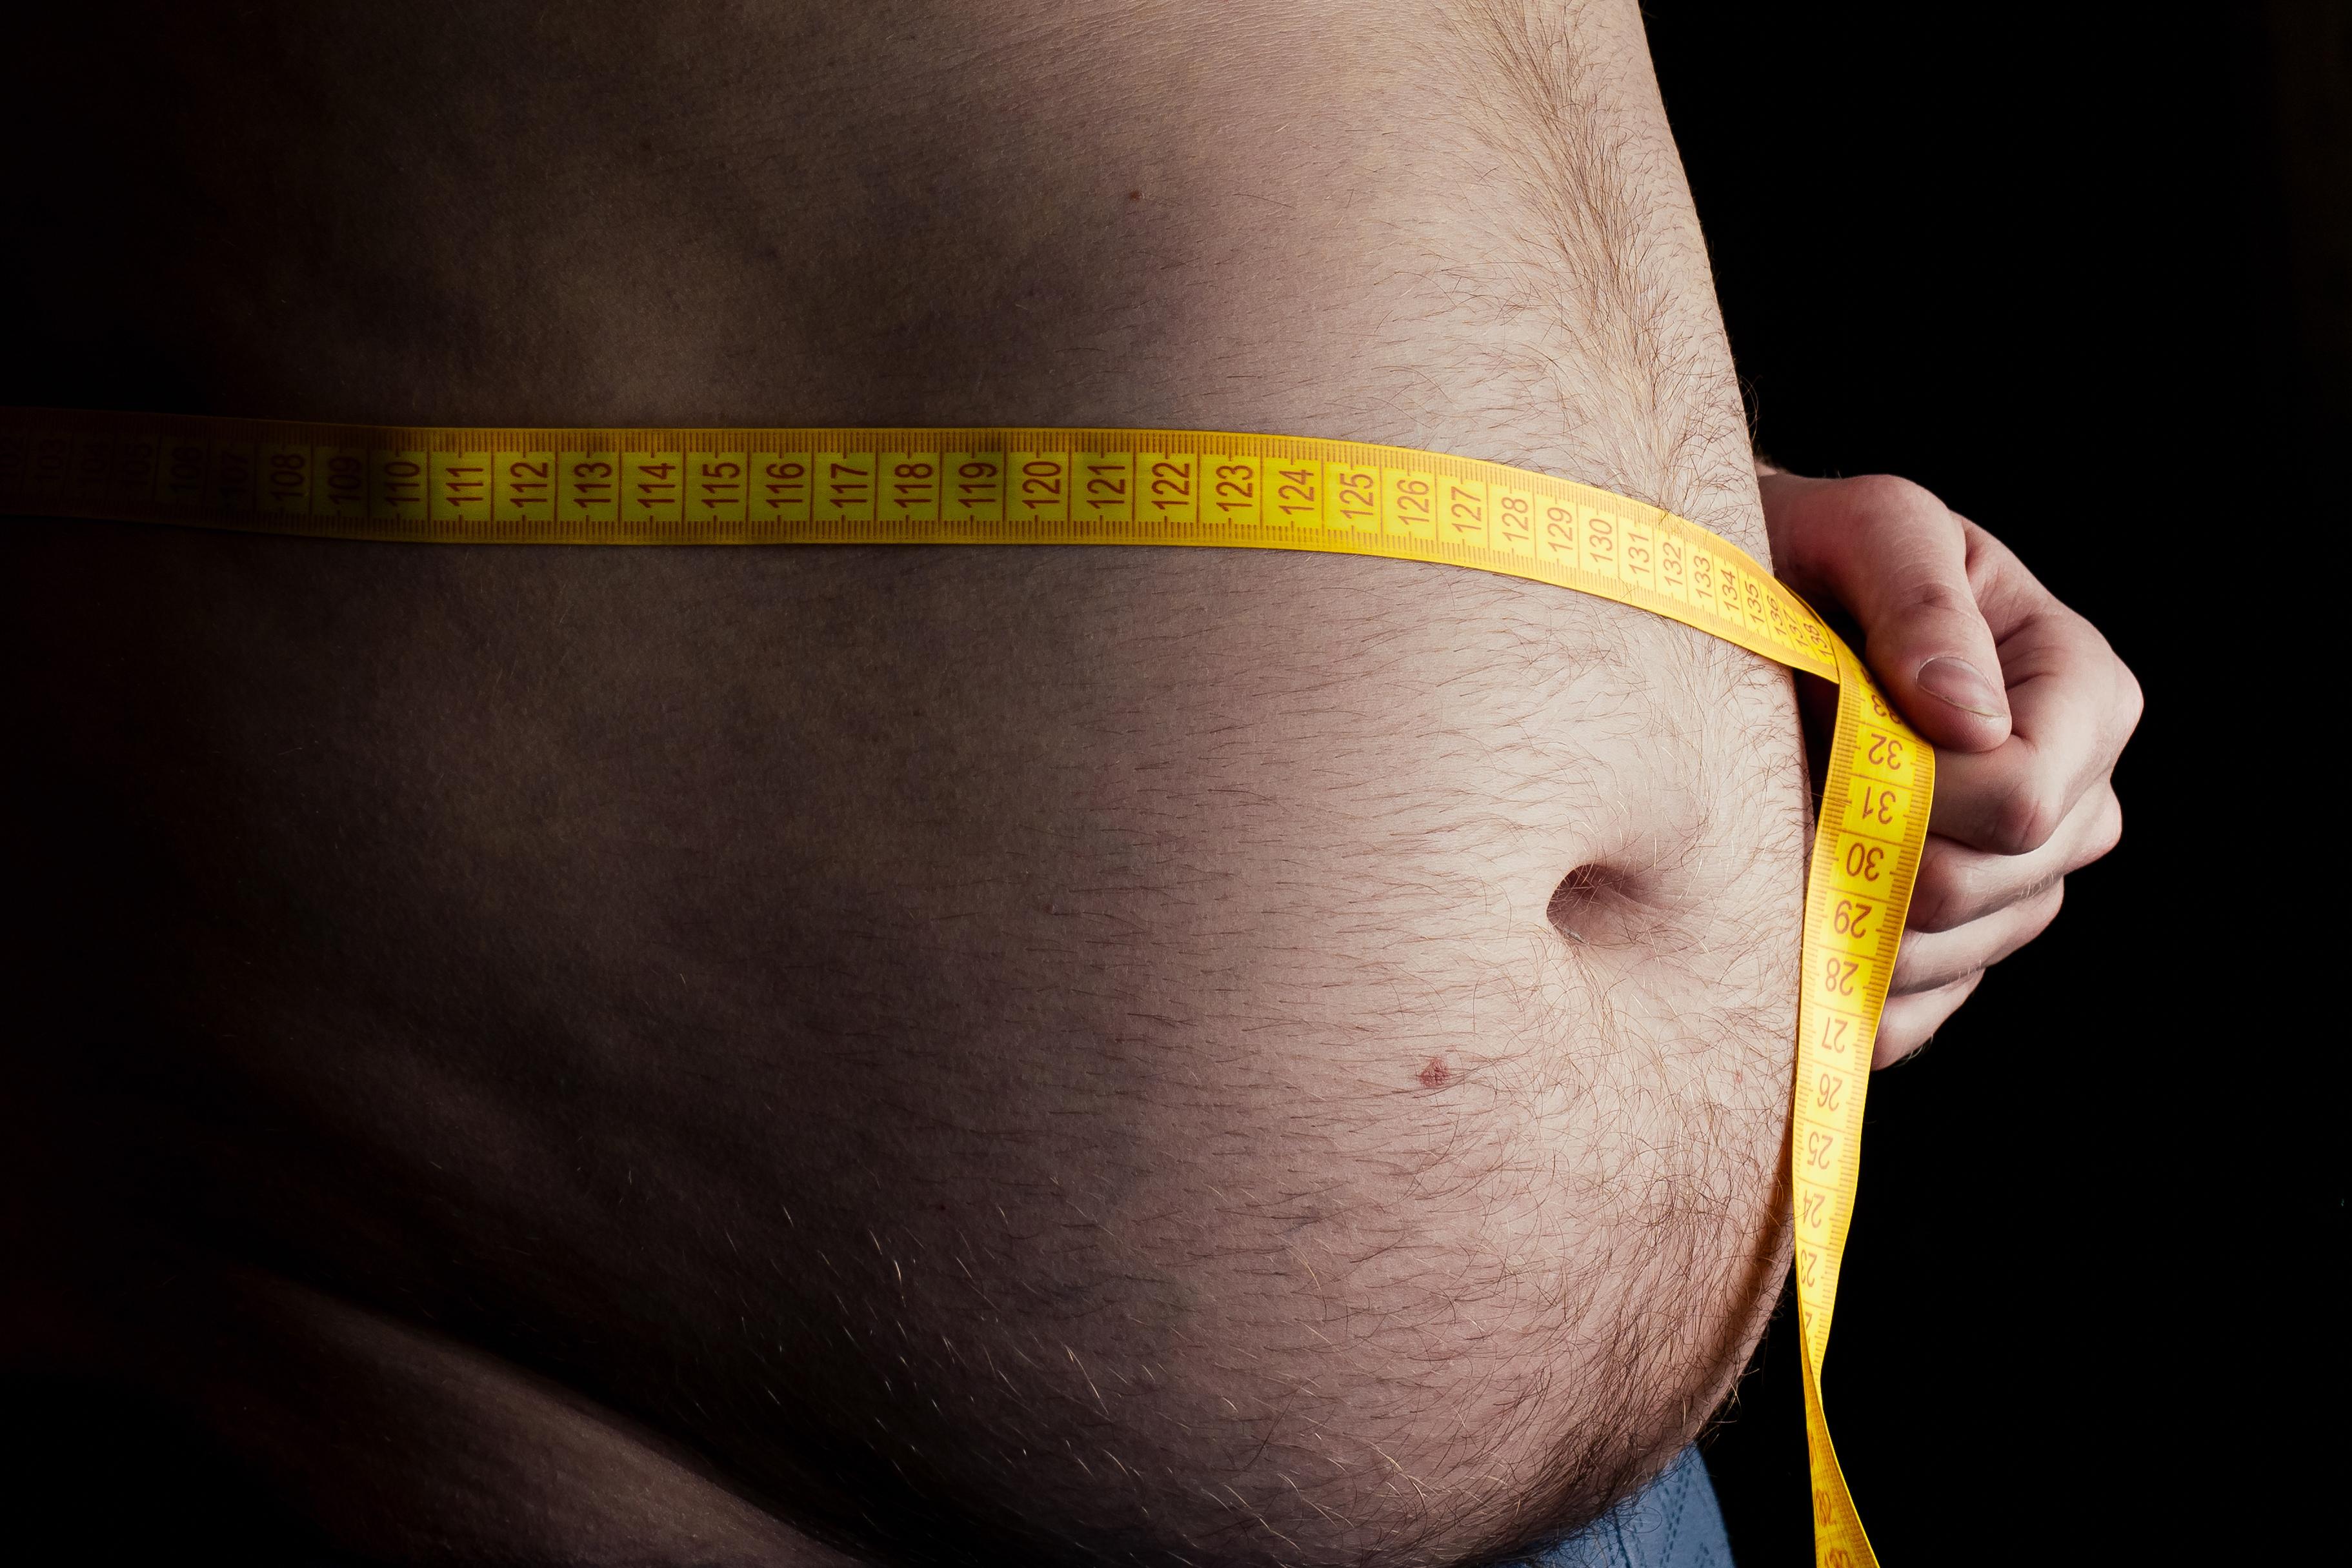 pierdere în greutate sănătoasă pentru persoanele obeze vrac, dar pierde grăsime